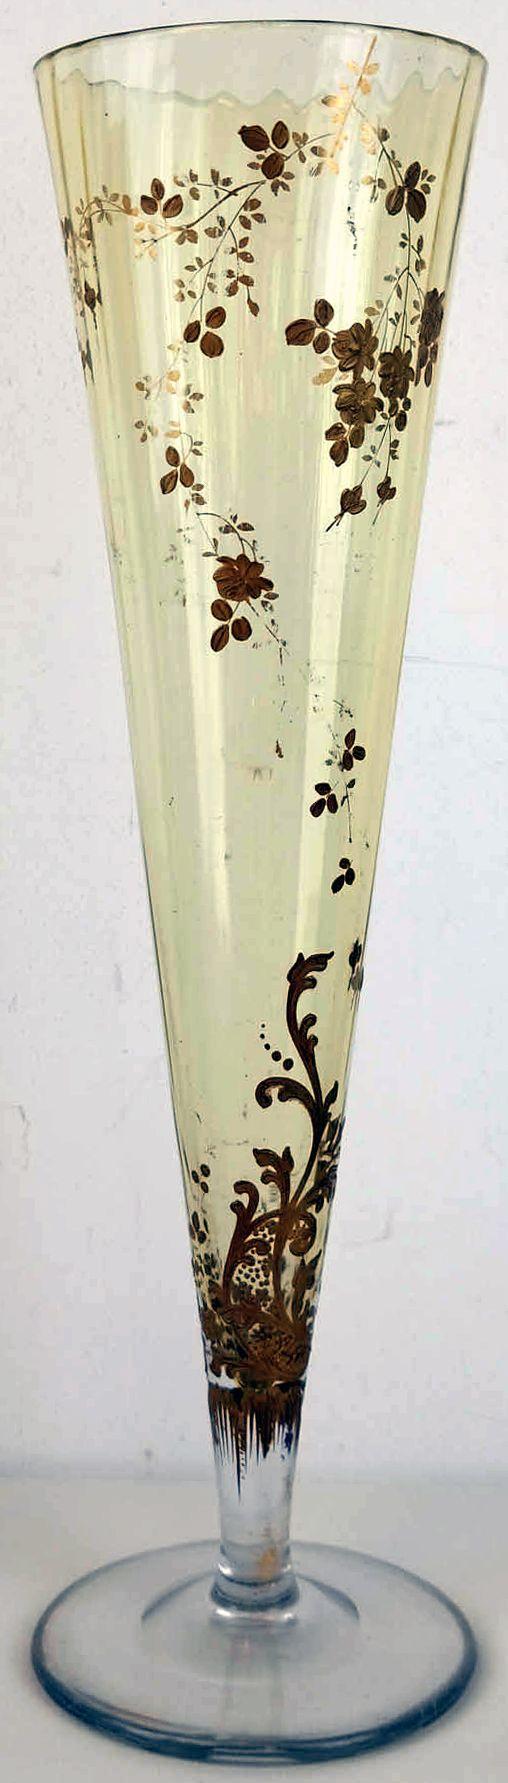 """Grote vaas op voet van Mont Joye  Onder de merknaam Mont Joye maakte de firma Saint-Hilaire Touvier de Varraux en Co, Pantin, Frankrijk, meestal email versierd glas. Dit bedrijf maakte ook het DeVez glas. Aan de onderzijde gemerkt met een """"apenstaartje""""/6. Gezien het motief uit het eind van de 19e eeuw.  Hoogte ca 42,5 cm."""